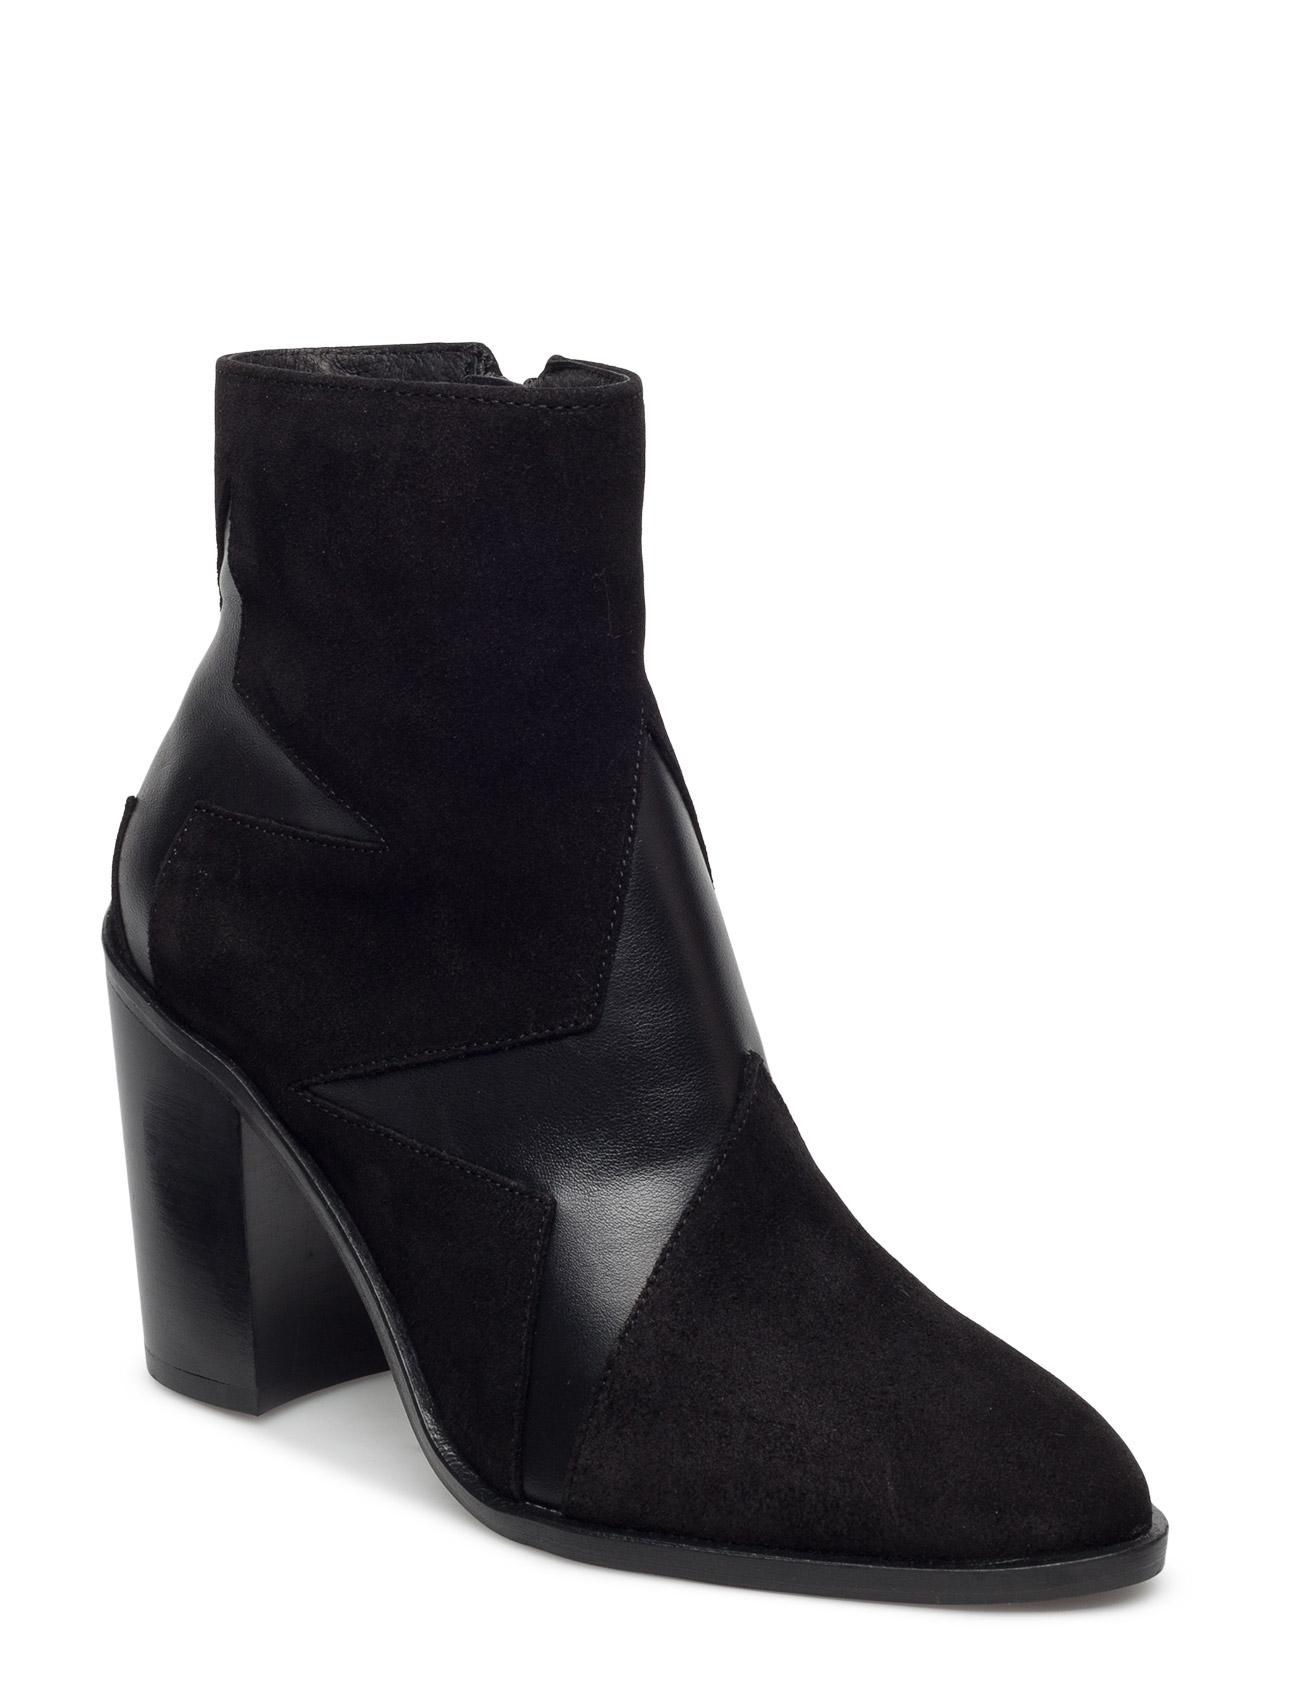 Skywalk KG Kurt Geiger Støvler til Damer i